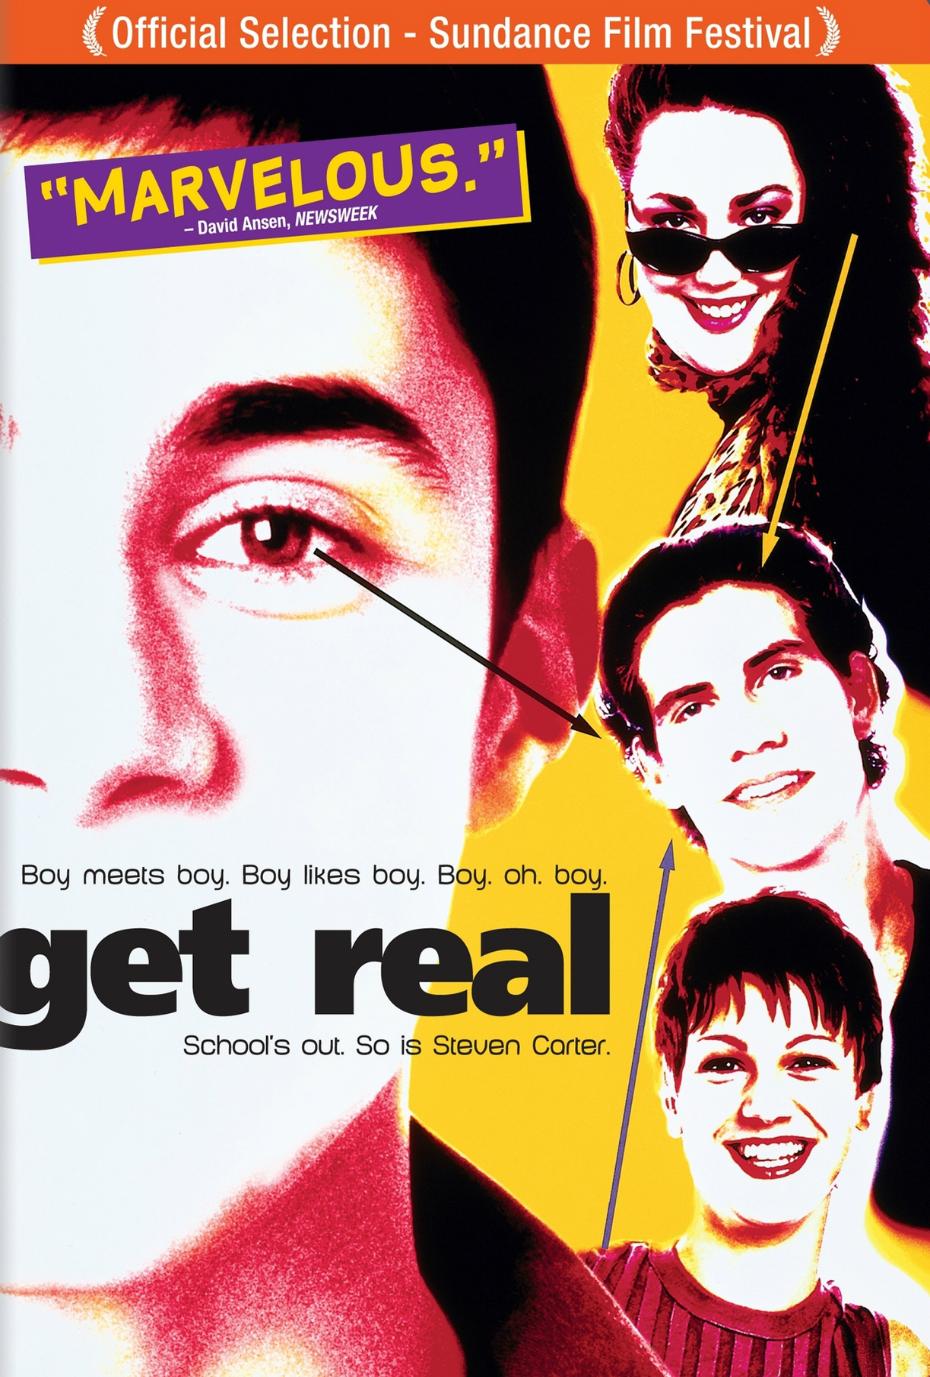 get-real-movie-poster.jpg